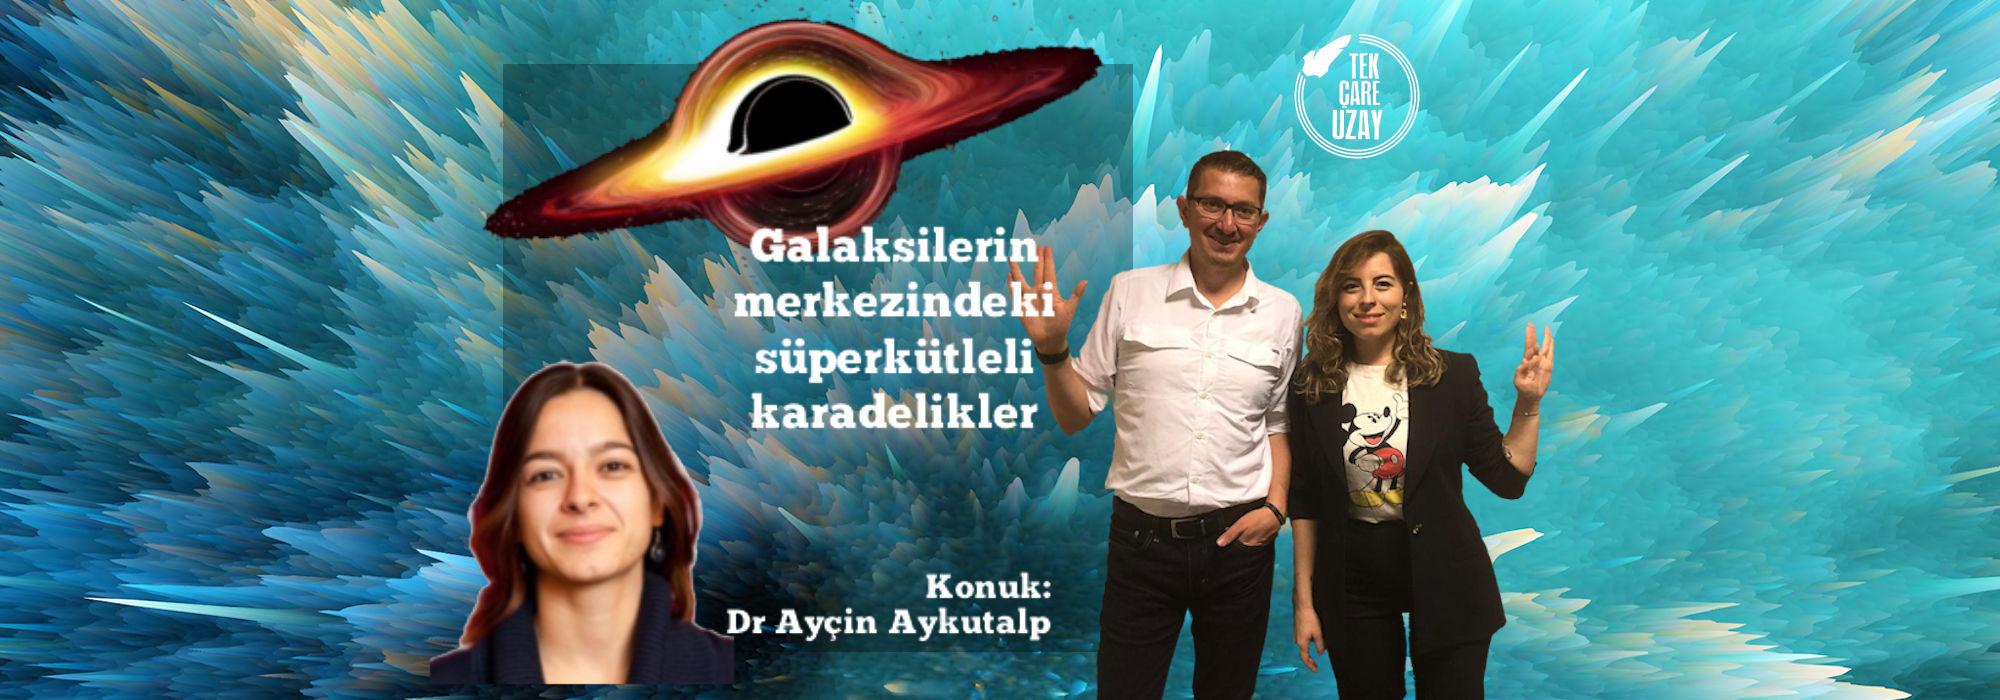 Süper kütleli karadelikler, 2020 Nobel Fizik Ödülü, Konuk: Dr Ayçin Aykutalp (Los Alamos Nat. Lab.)